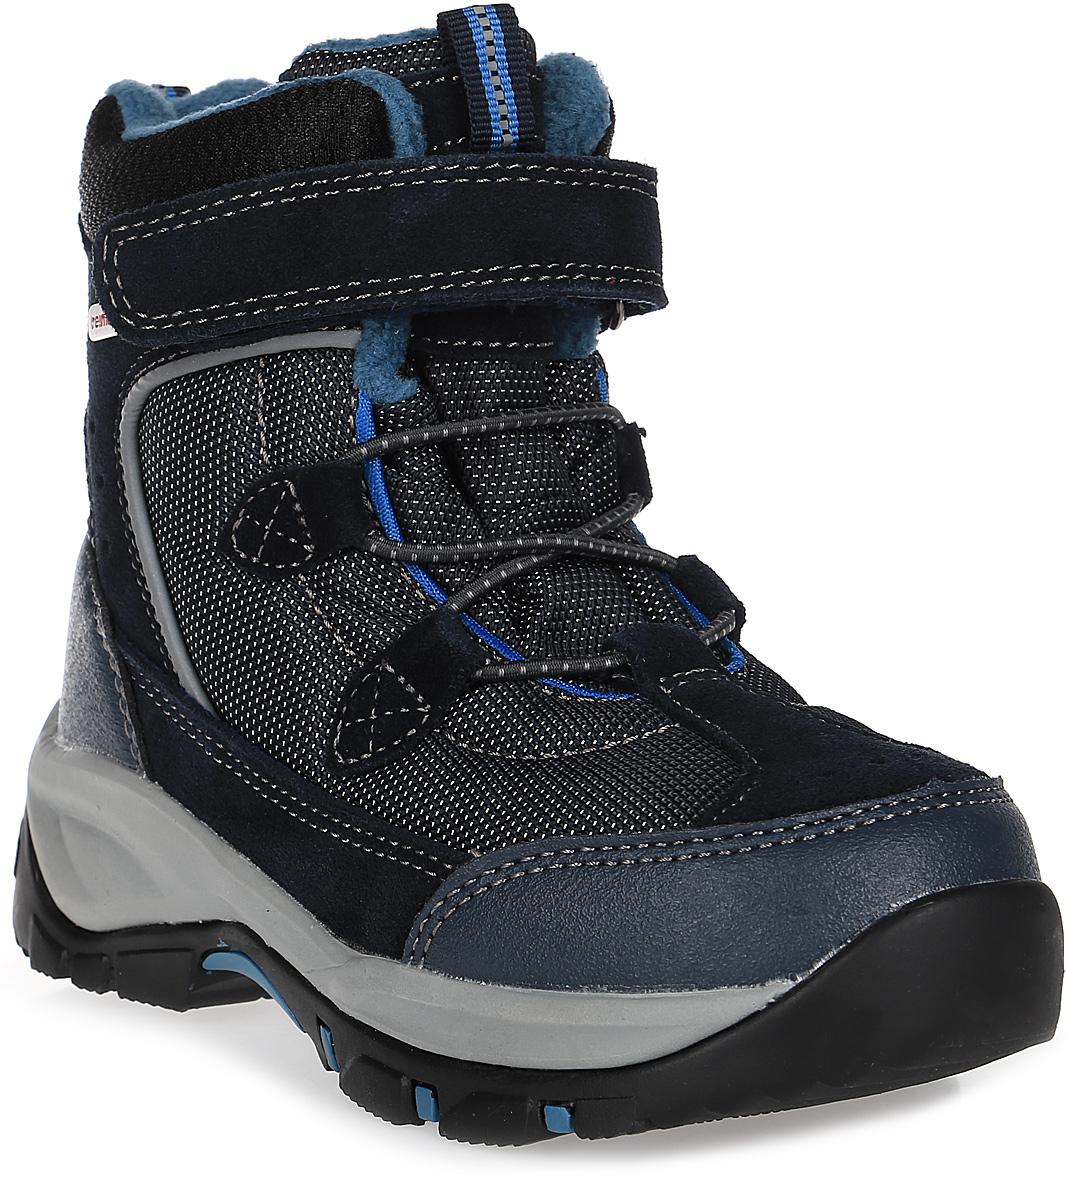 Ботинки детские Reima Denny, цвет: темно-синий. 5693236980. Размер 305693236980Невероятно прочные ботинки Reimatec очень легко надевать и регулировать благодаря эластичным шнуркам и застежке на липучке. Водонепроницаемая конструкция и подкладка с запаянными швами защищают ноги от холода и влаги. Верх этих ботинок изготовлен из текстиля и телячьей замши. Ботинки подшиты подкладкой из теплого и мягкого искусственного меха, который надежно защищает от холода. Гибкая и легкая подошва Reima из ЭВА-резины обеспечивает прочное сцепление с различными поверхностями, а благодаря теплым съемным войлочным стелькам с рисунком Happy Fit, легко подобрать правильный размер или измерить растущую ножку ребенка.